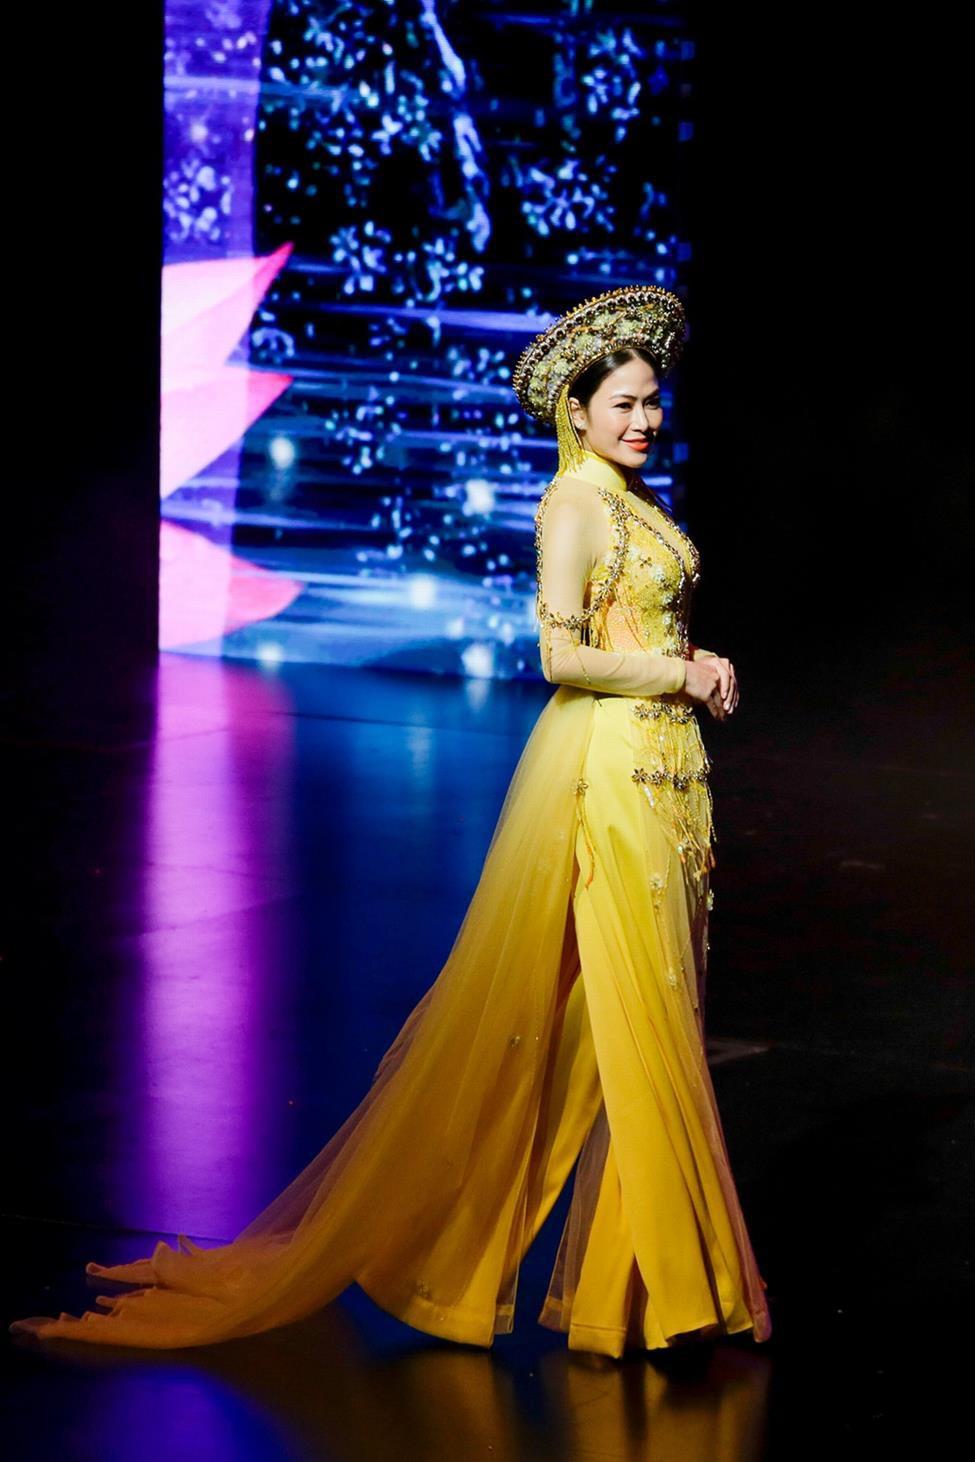 Giọng ca Sao Mai đăng quang Hoa hậu Áo dài Việt Nam 2019 - Ảnh 6.